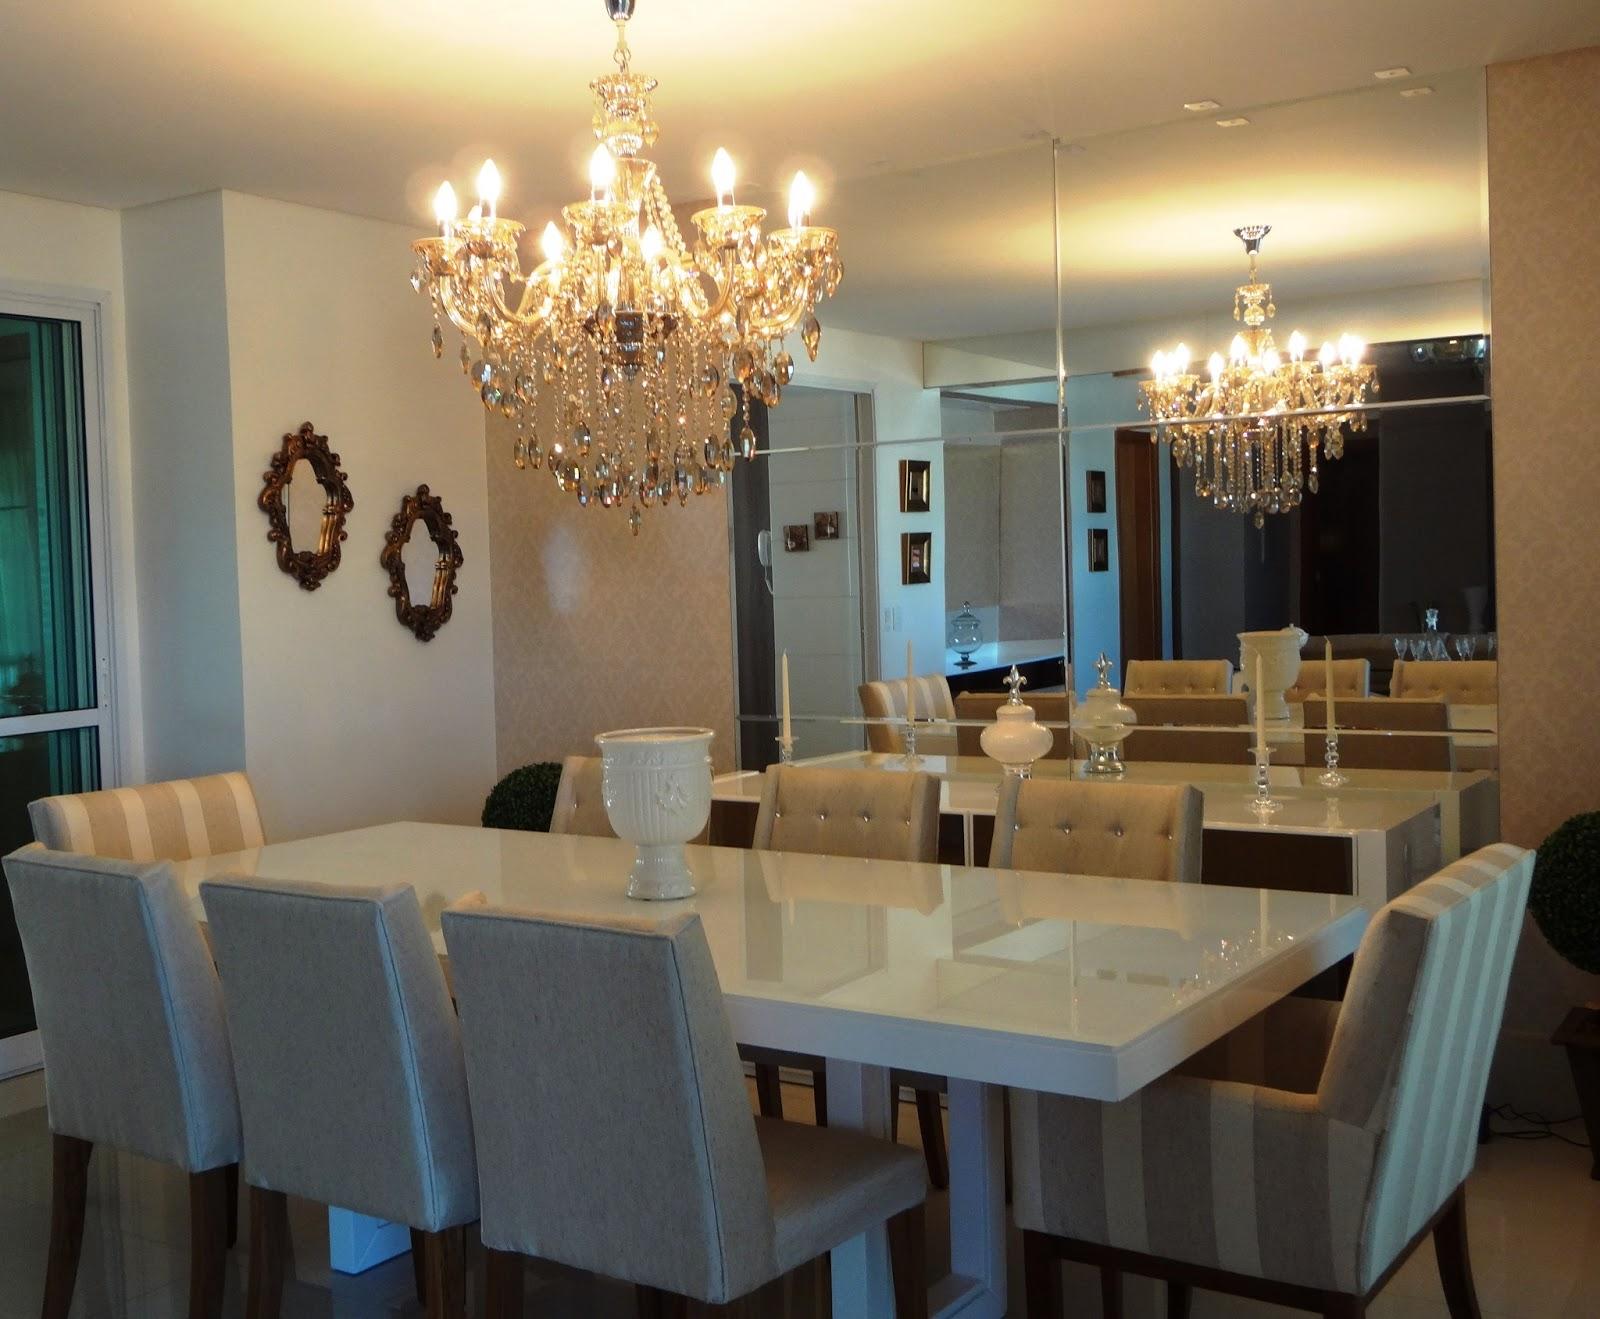 Armario Planejado De Vidro ~ Construindo Minha Casa Clean 21 Salas de Jantar dos Sonhos com Buffet ou Aparador!!!